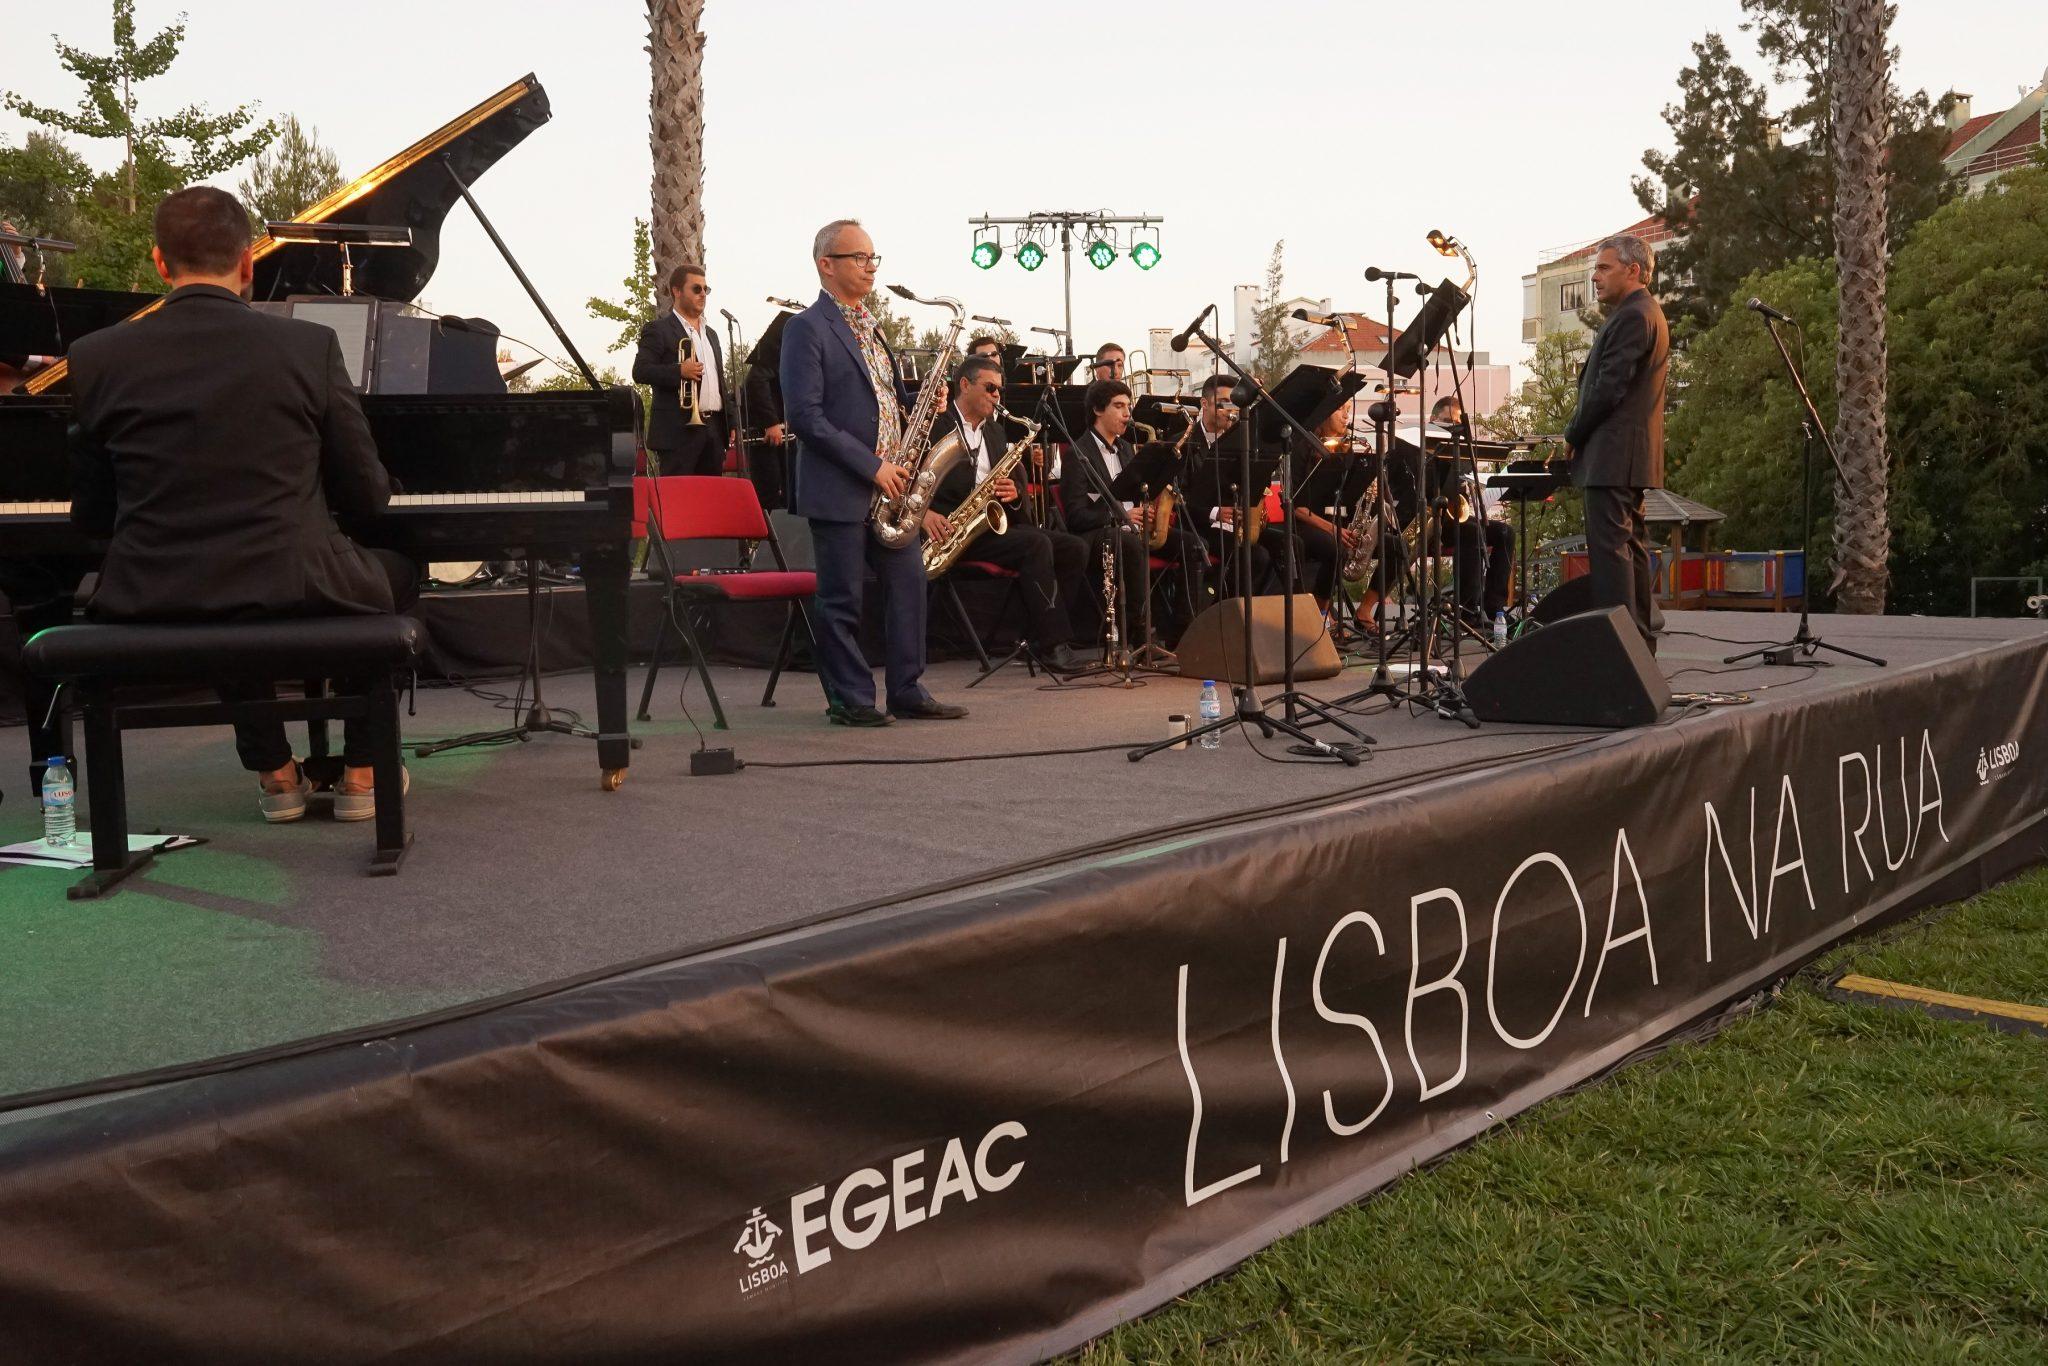 Músicos em palco, de lado para o observador, tocam piano e saxofone